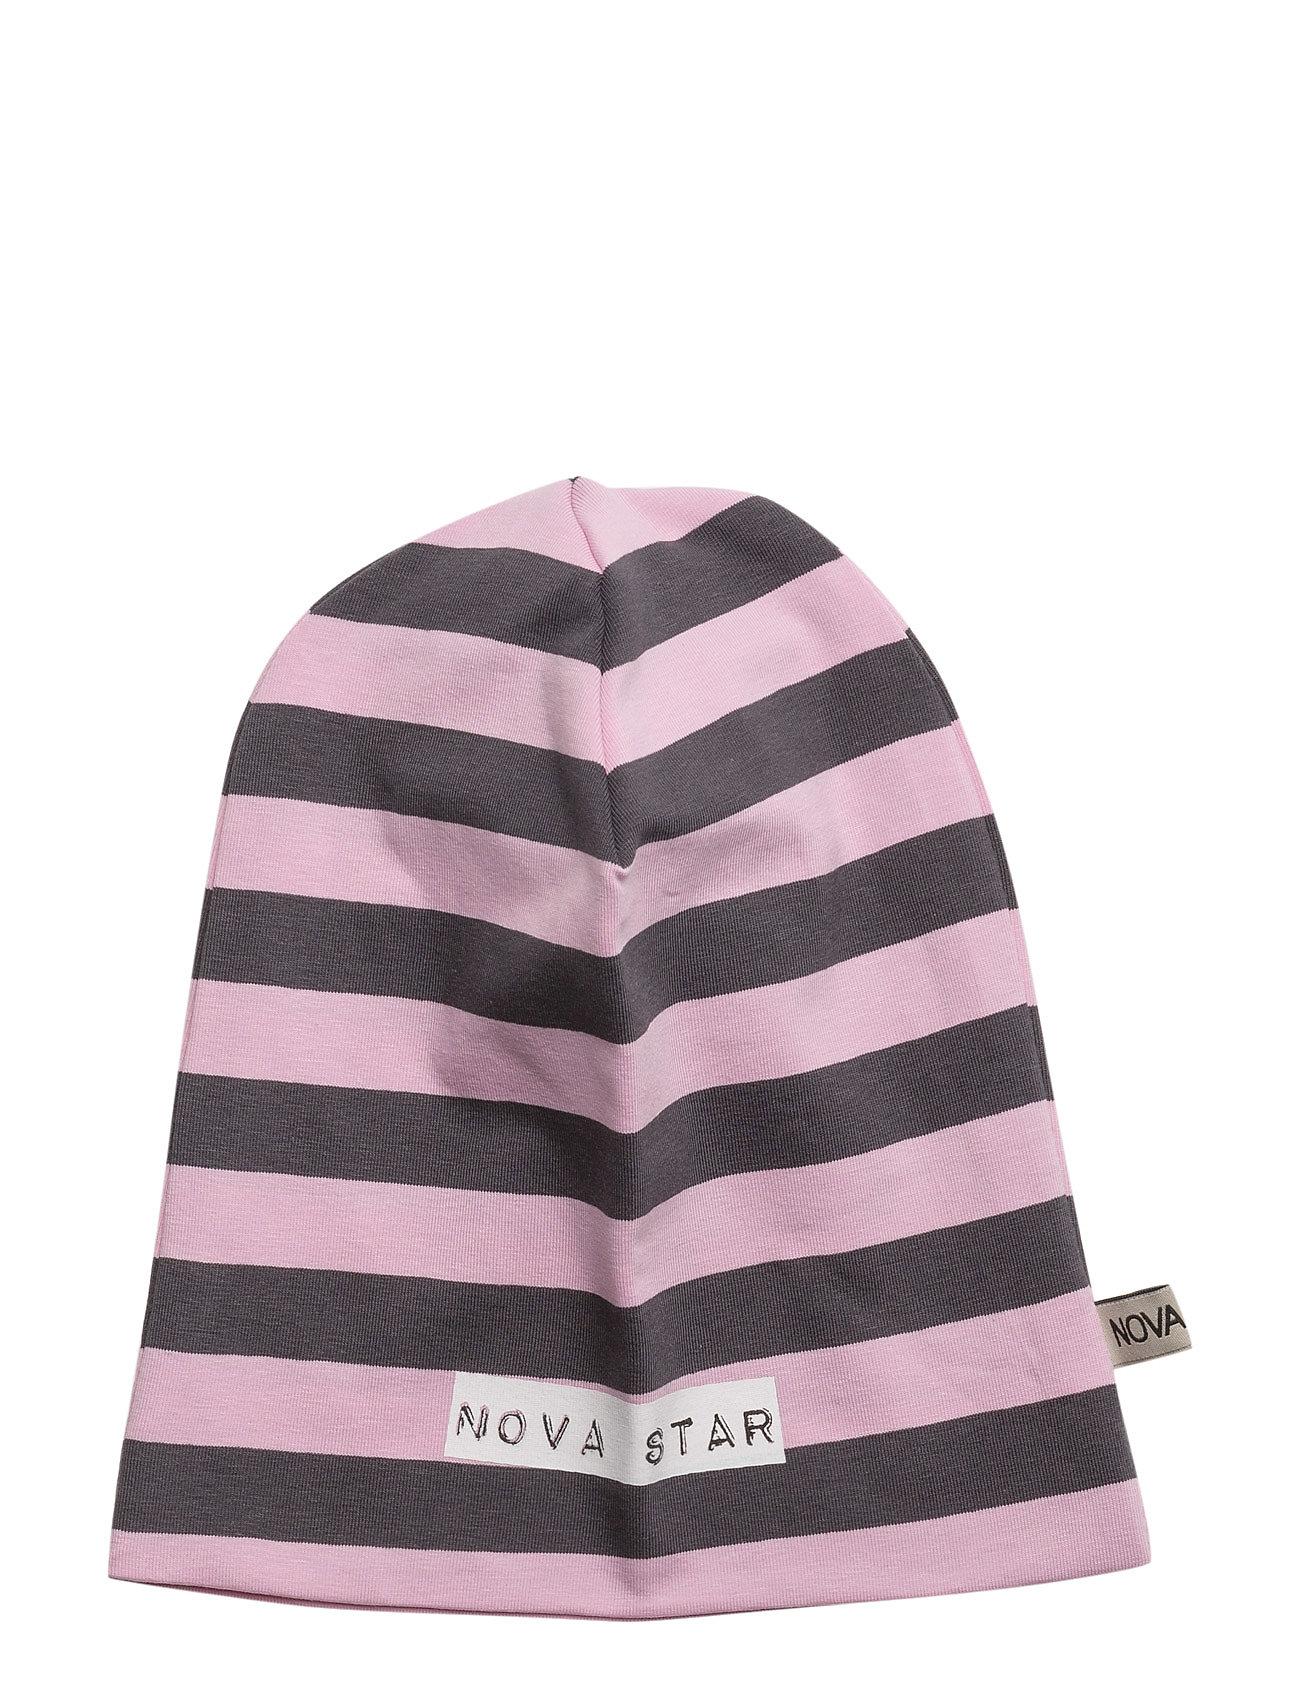 3d339d396a7 Køb Beanie Striped Pink NOVA STAR Hatte & Caps i til Børn på nettet